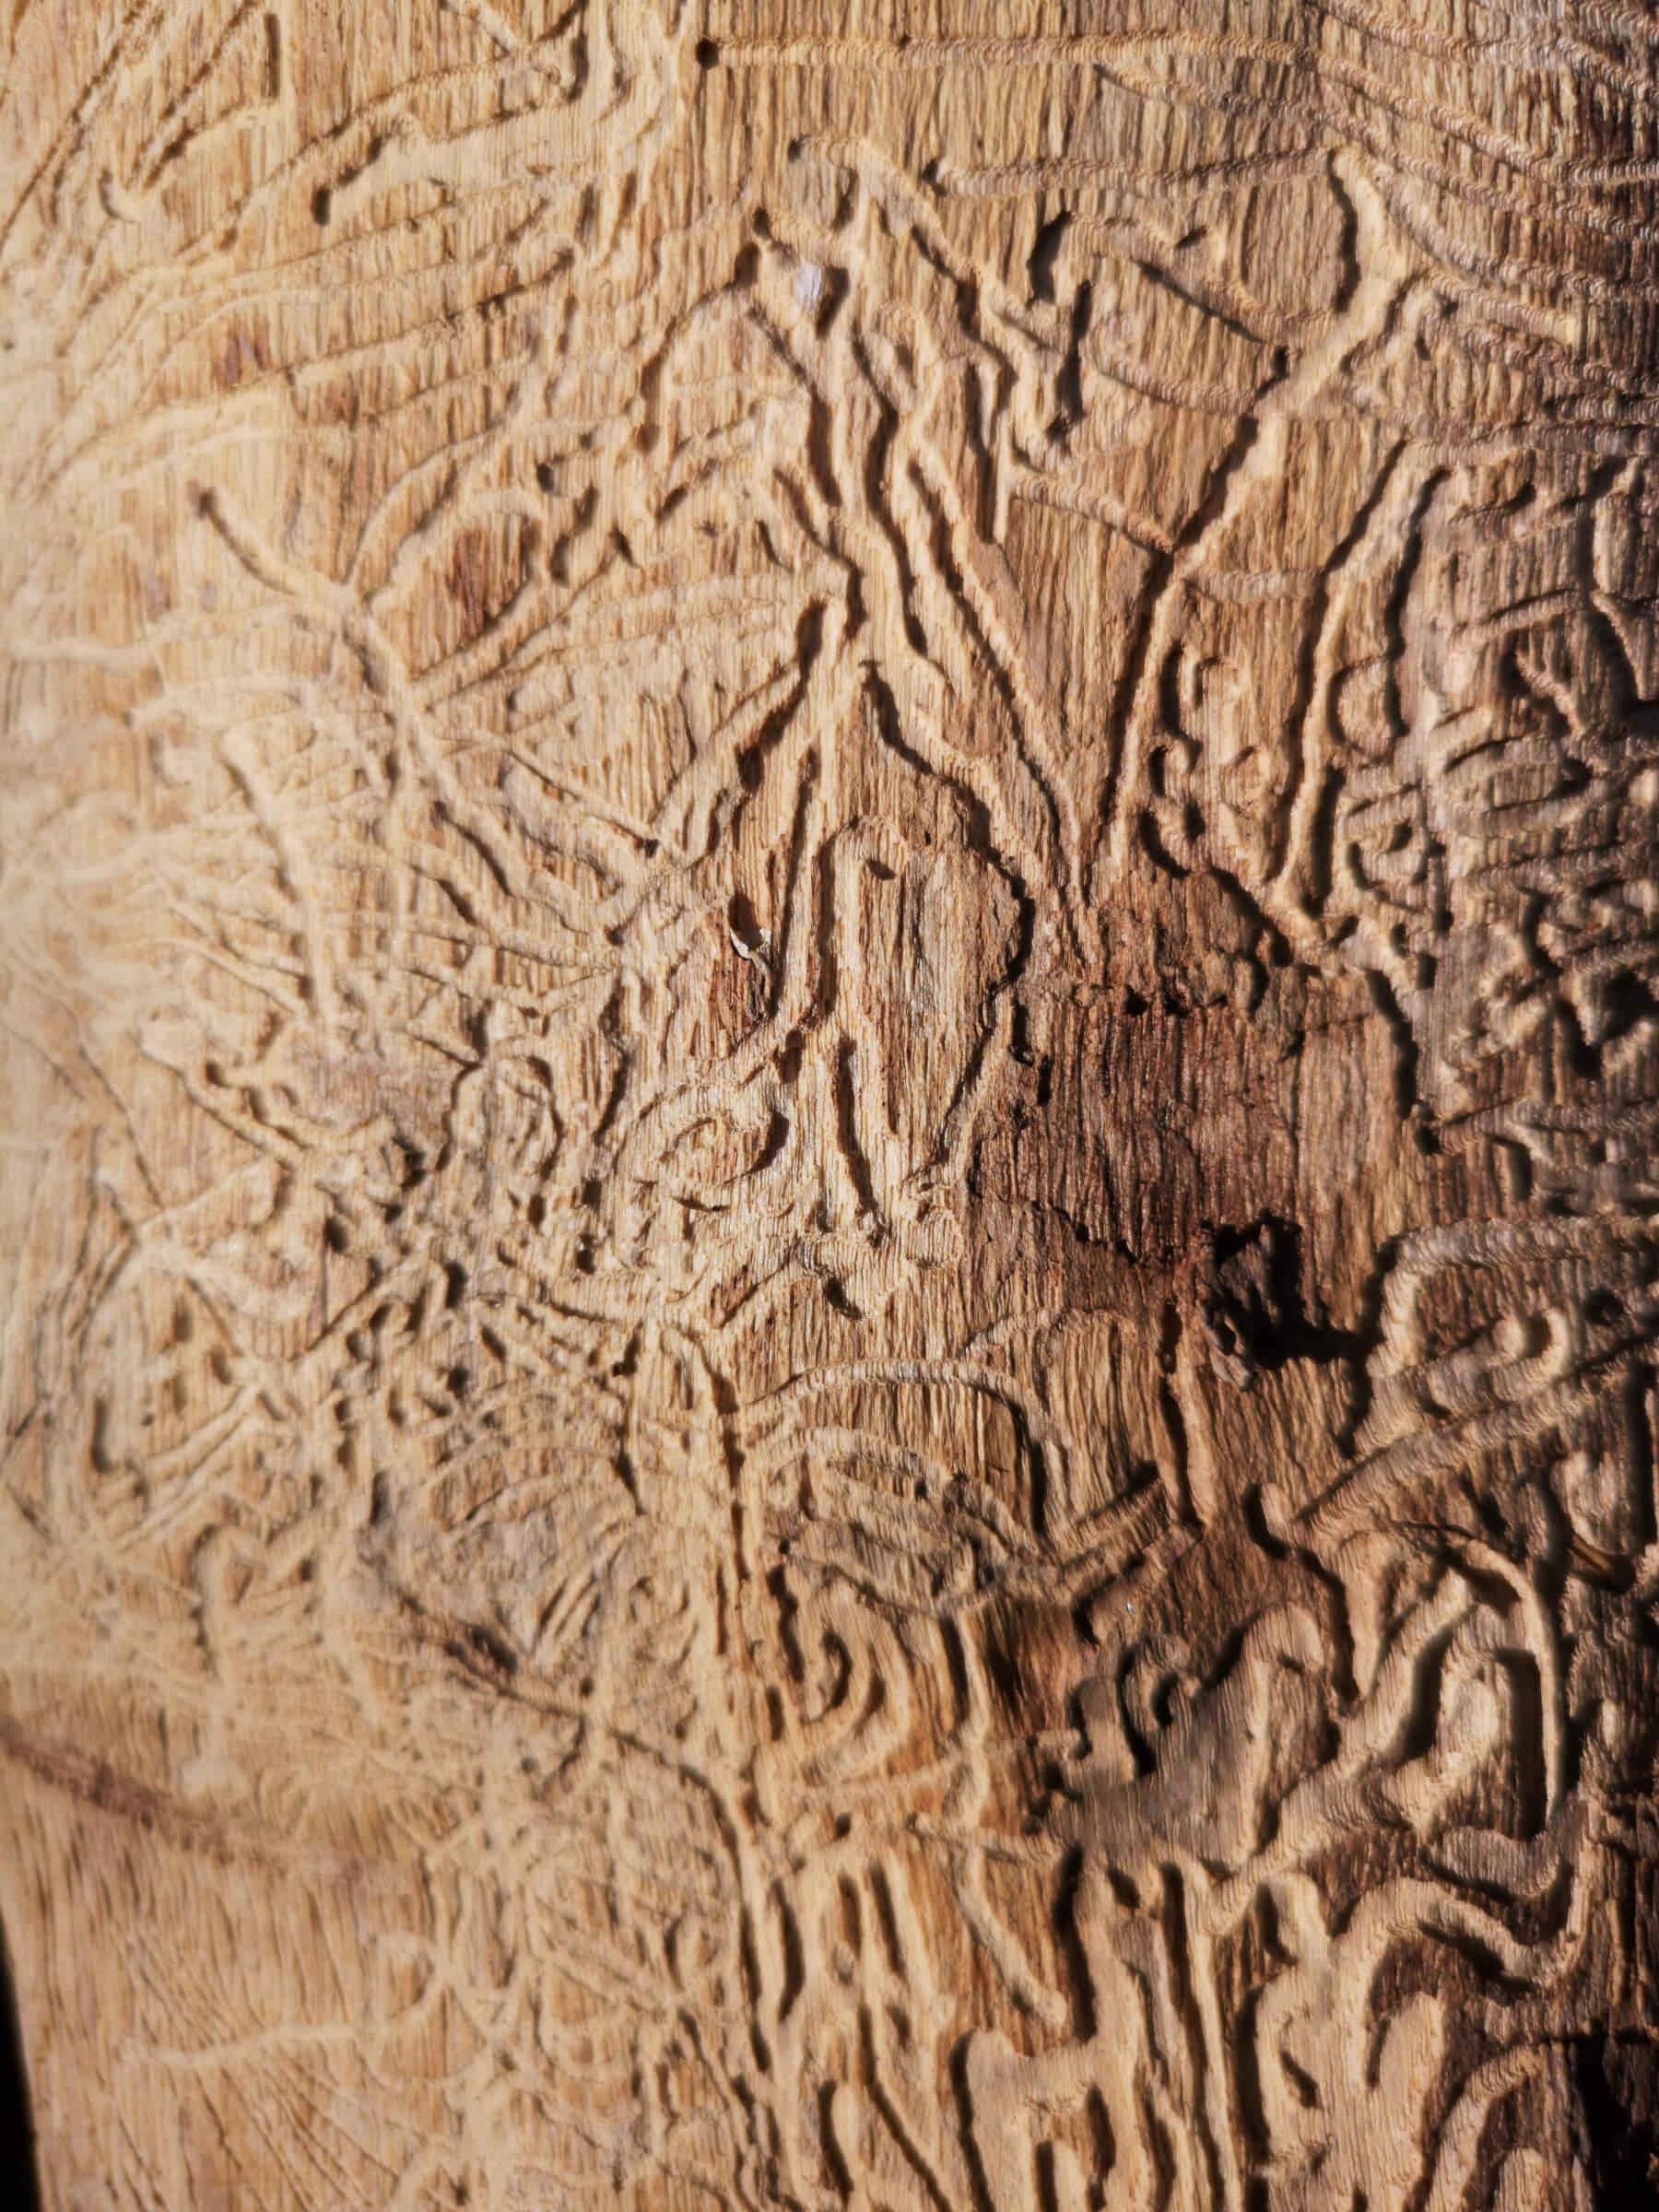 Les scolytes : ces petites bêtes qui détruisent nos forêts